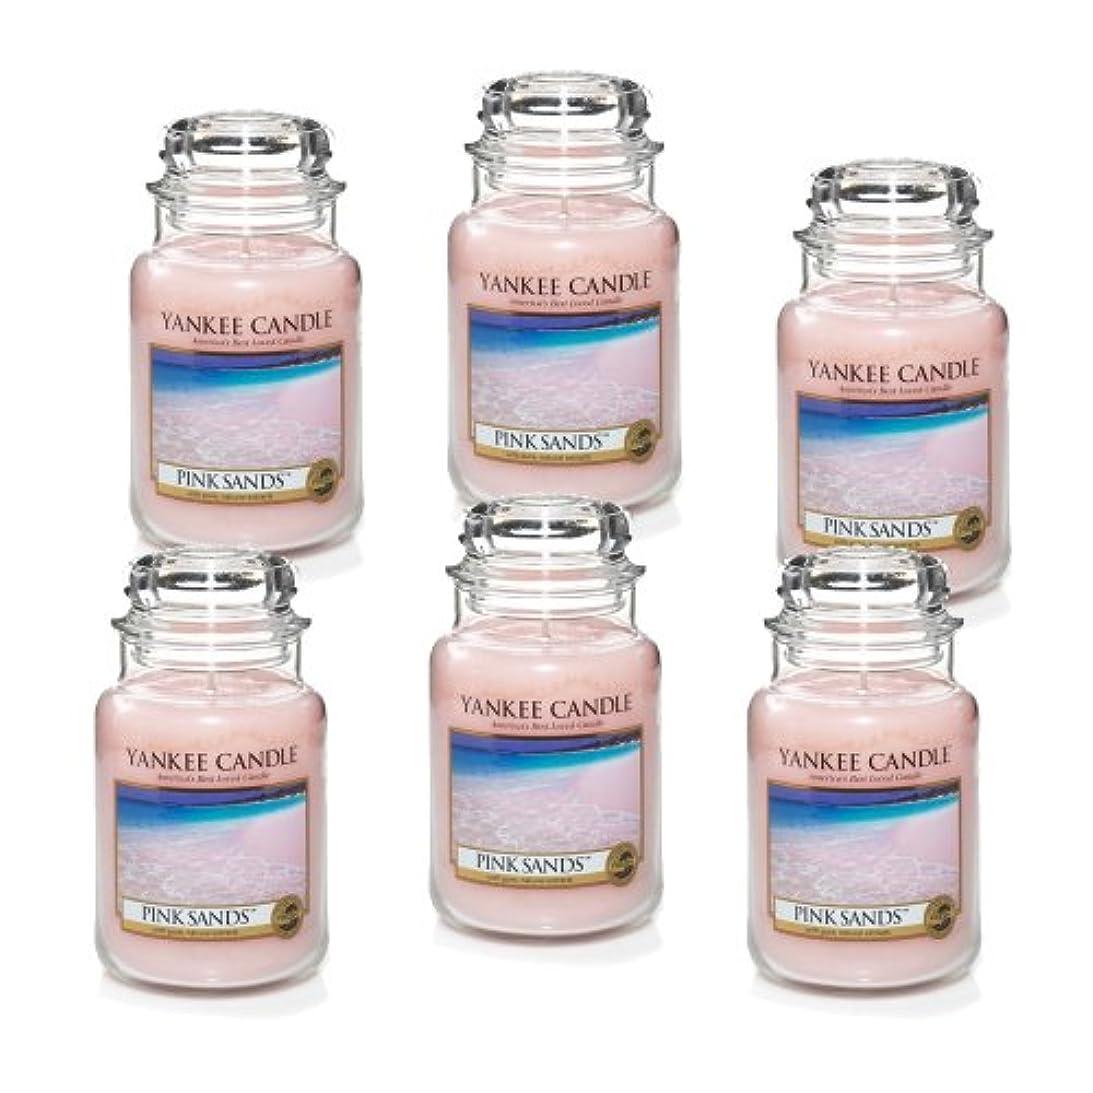 蒸し器特許挑発するYankee Candle ピンクサンズ 大瓶 22オンス キャンドル Set of 6 ピンク 1205337X6